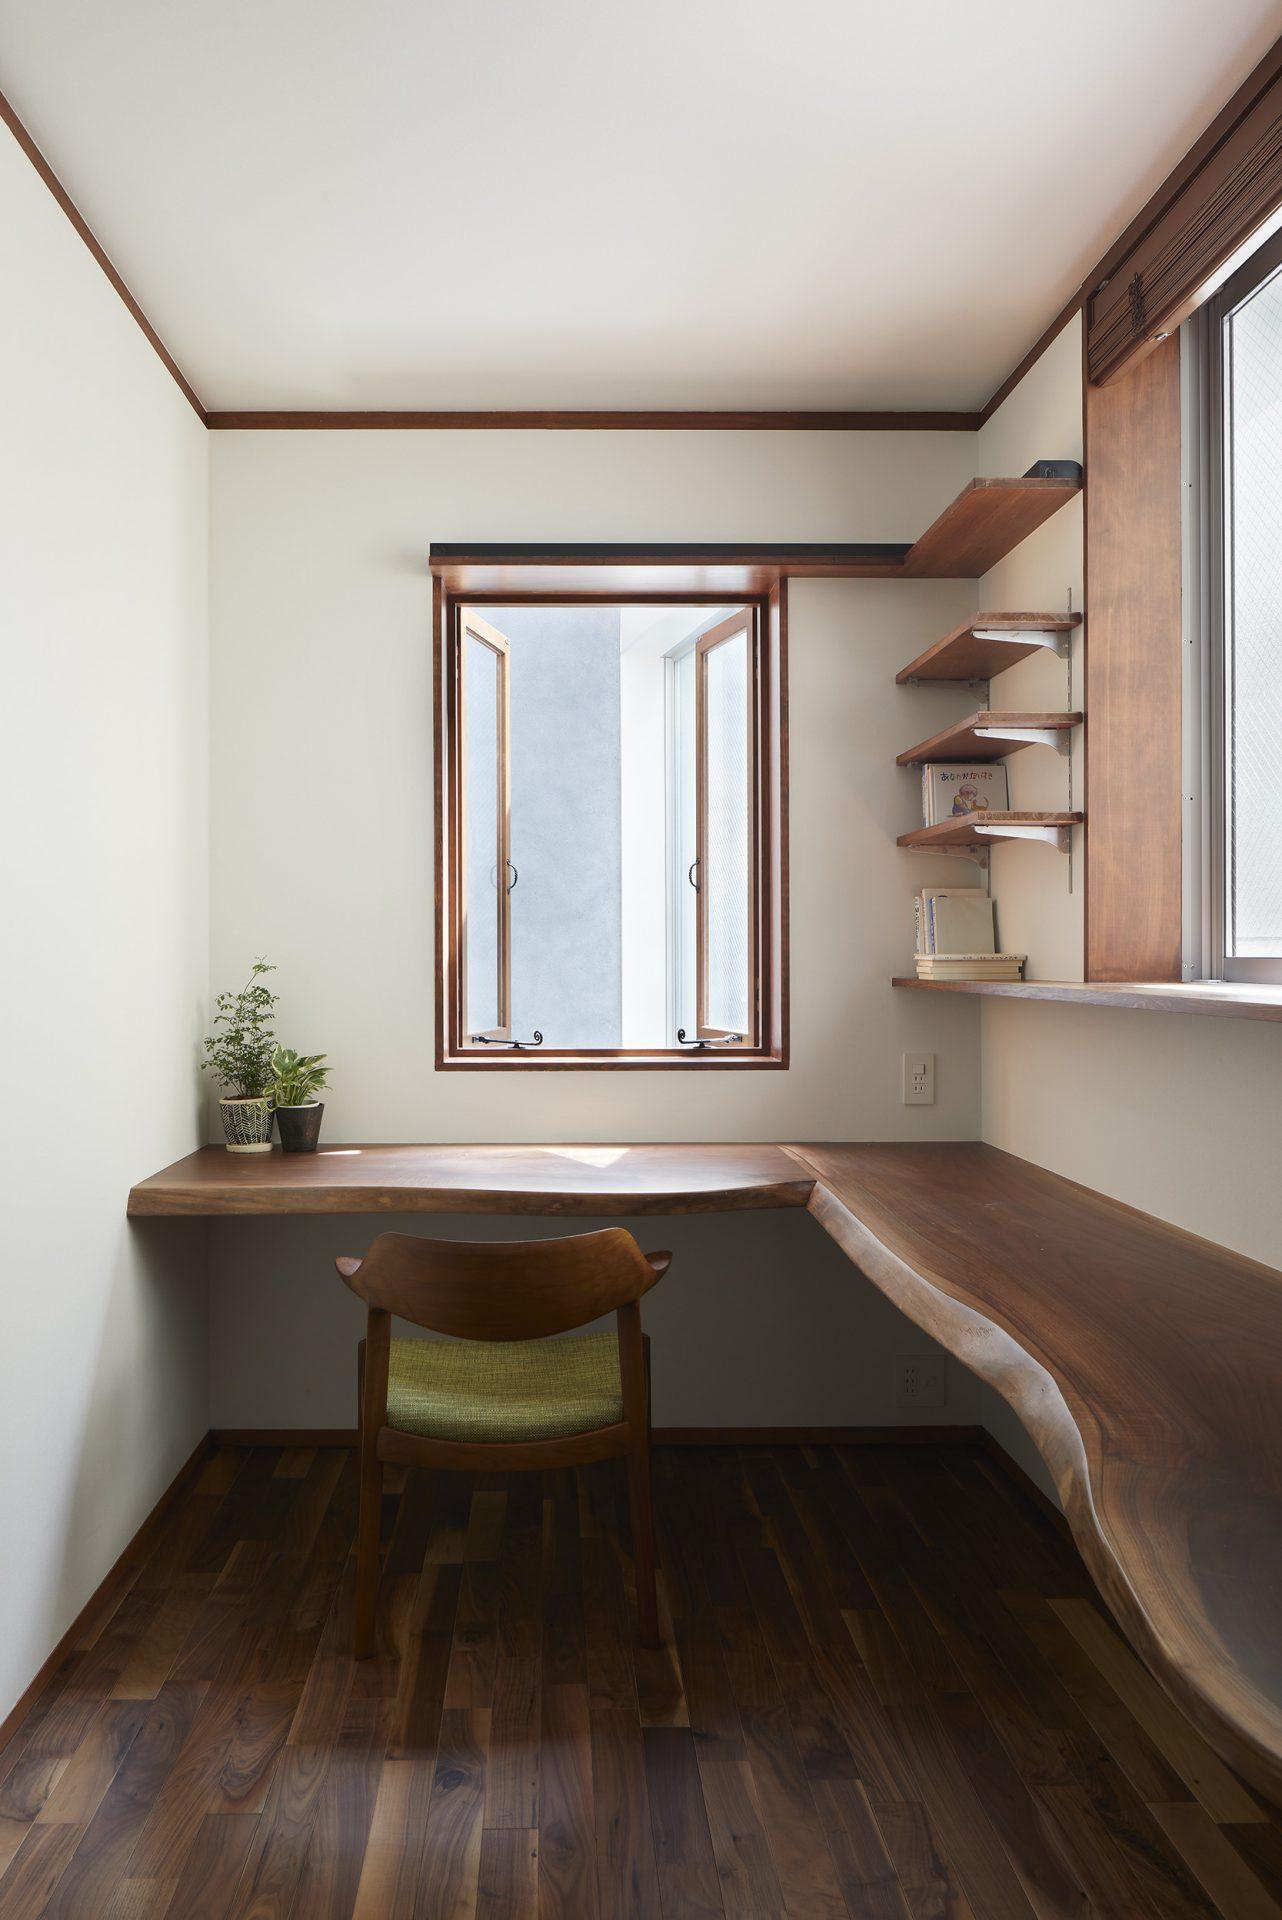 木の温かみを感じる 無垢板オーダー家具